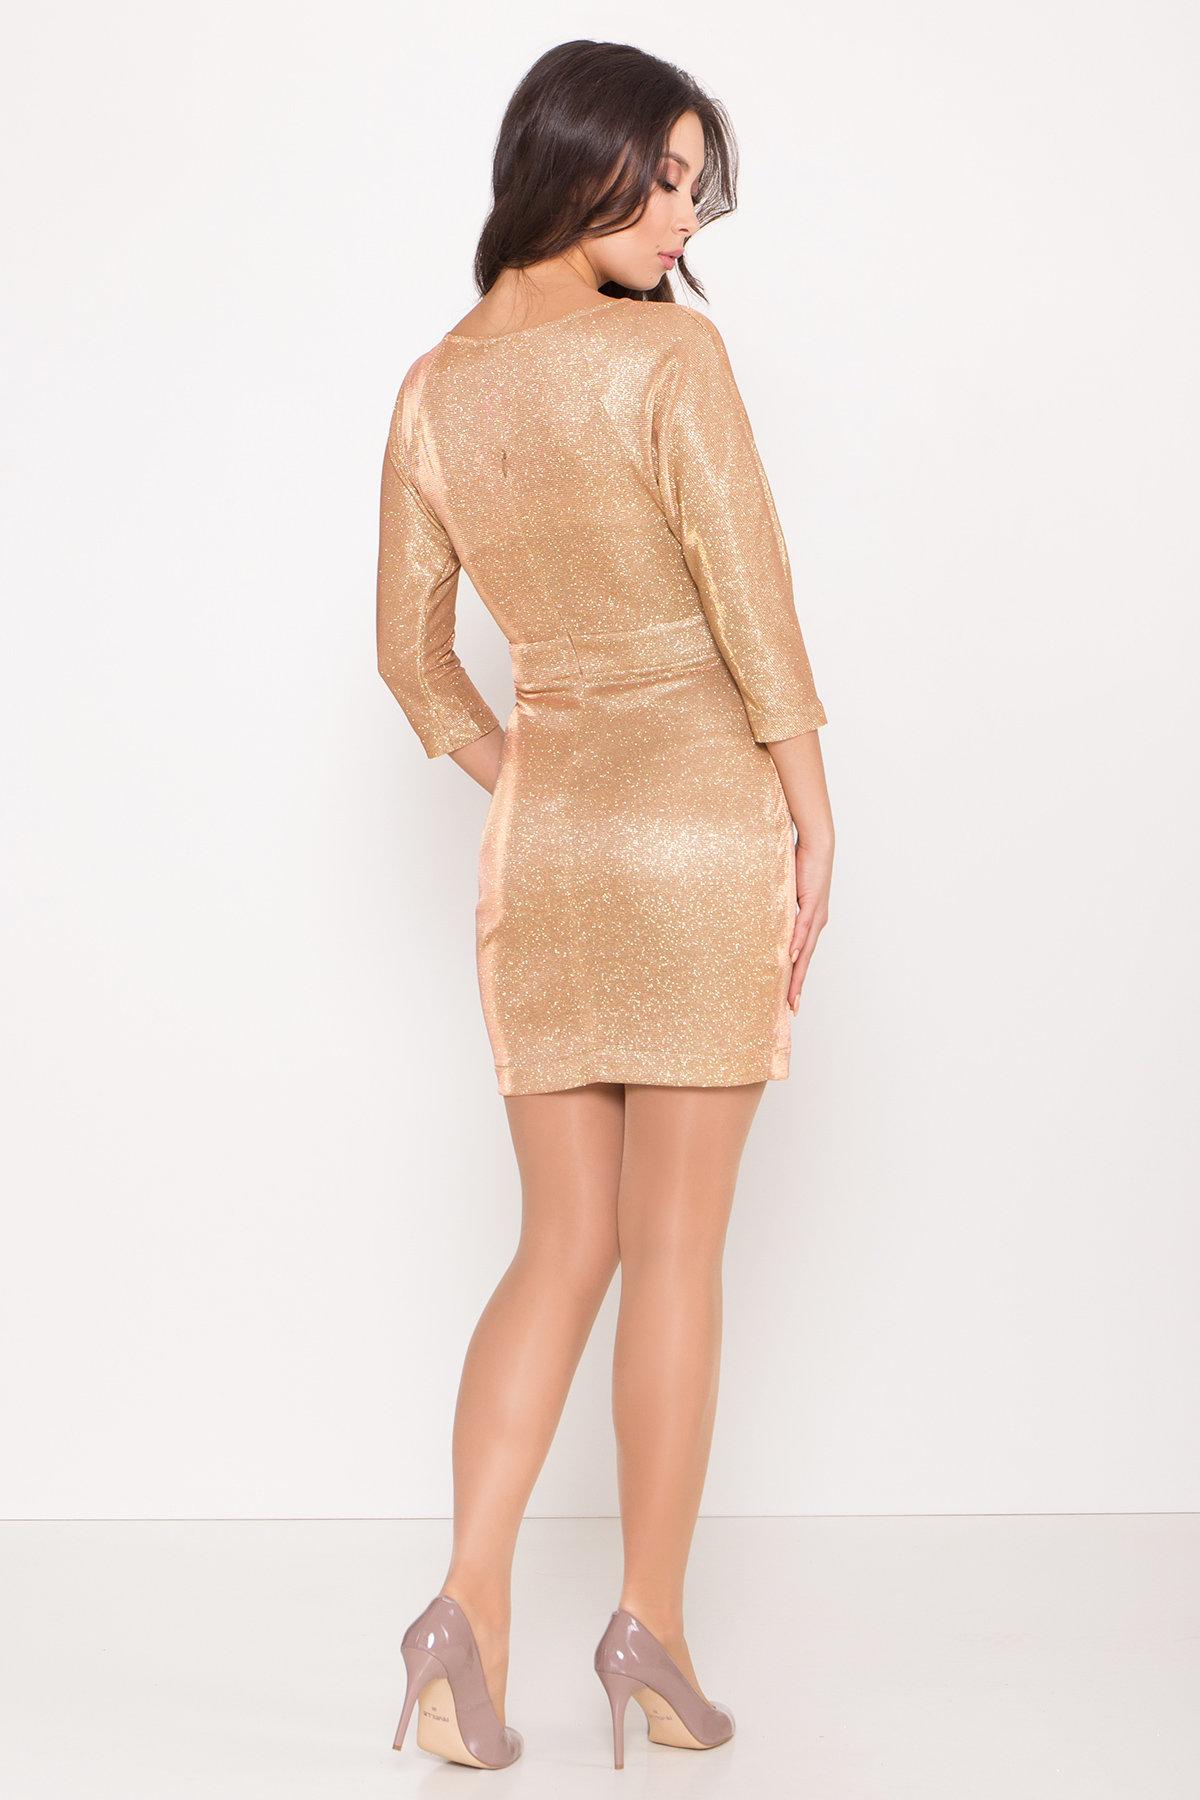 Платье-хамелеон из трикотажа с люрексом Инглот 8428 АРТ. 45008 Цвет: Золото/розовый - фото 5, интернет магазин tm-modus.ru